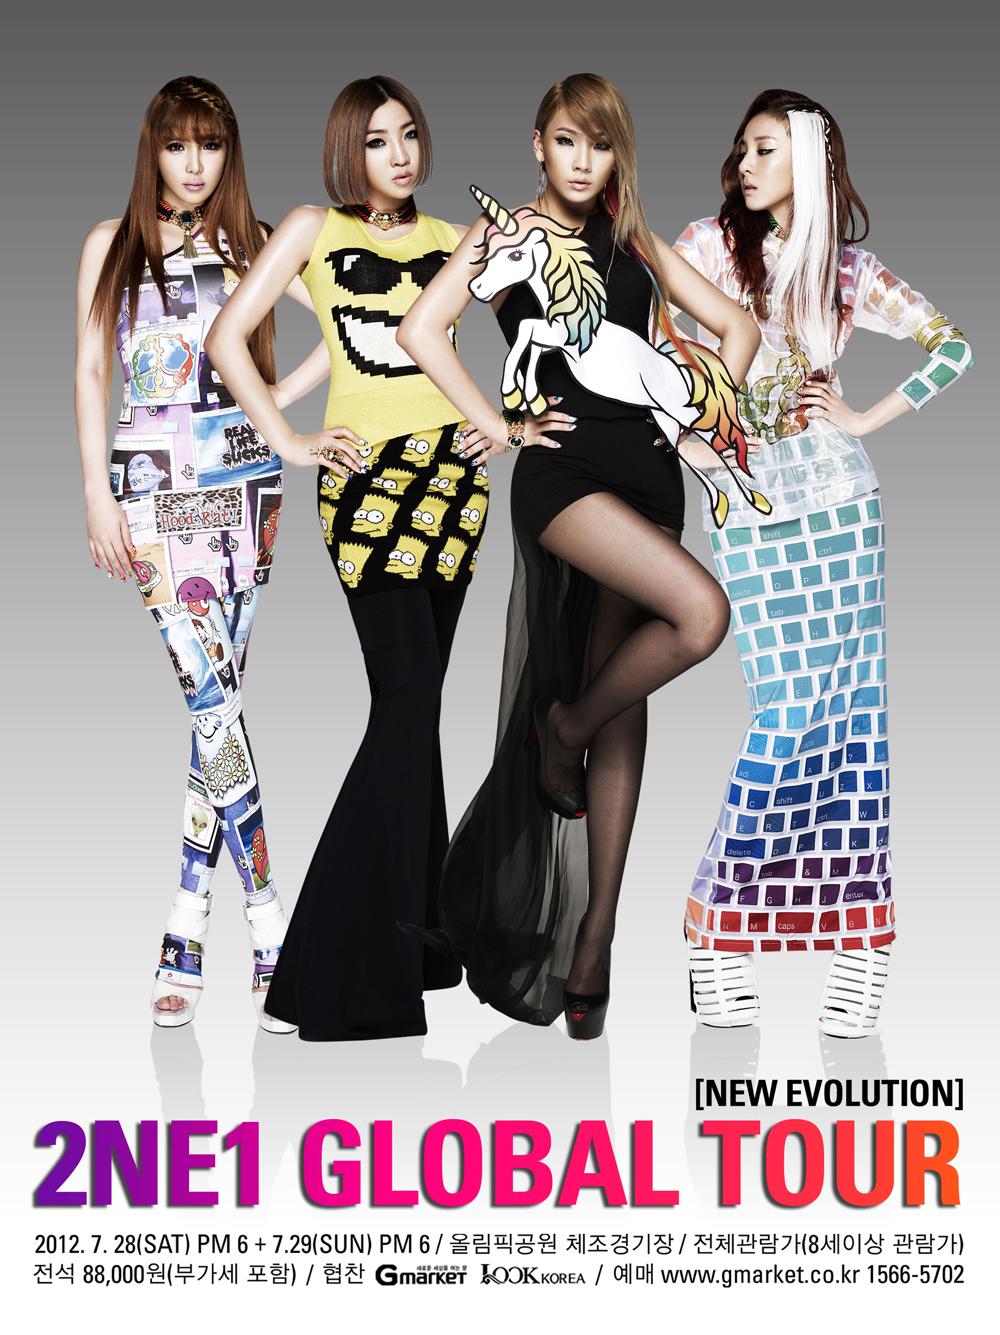 2NE1's Global Tour 2ne1_global_poster